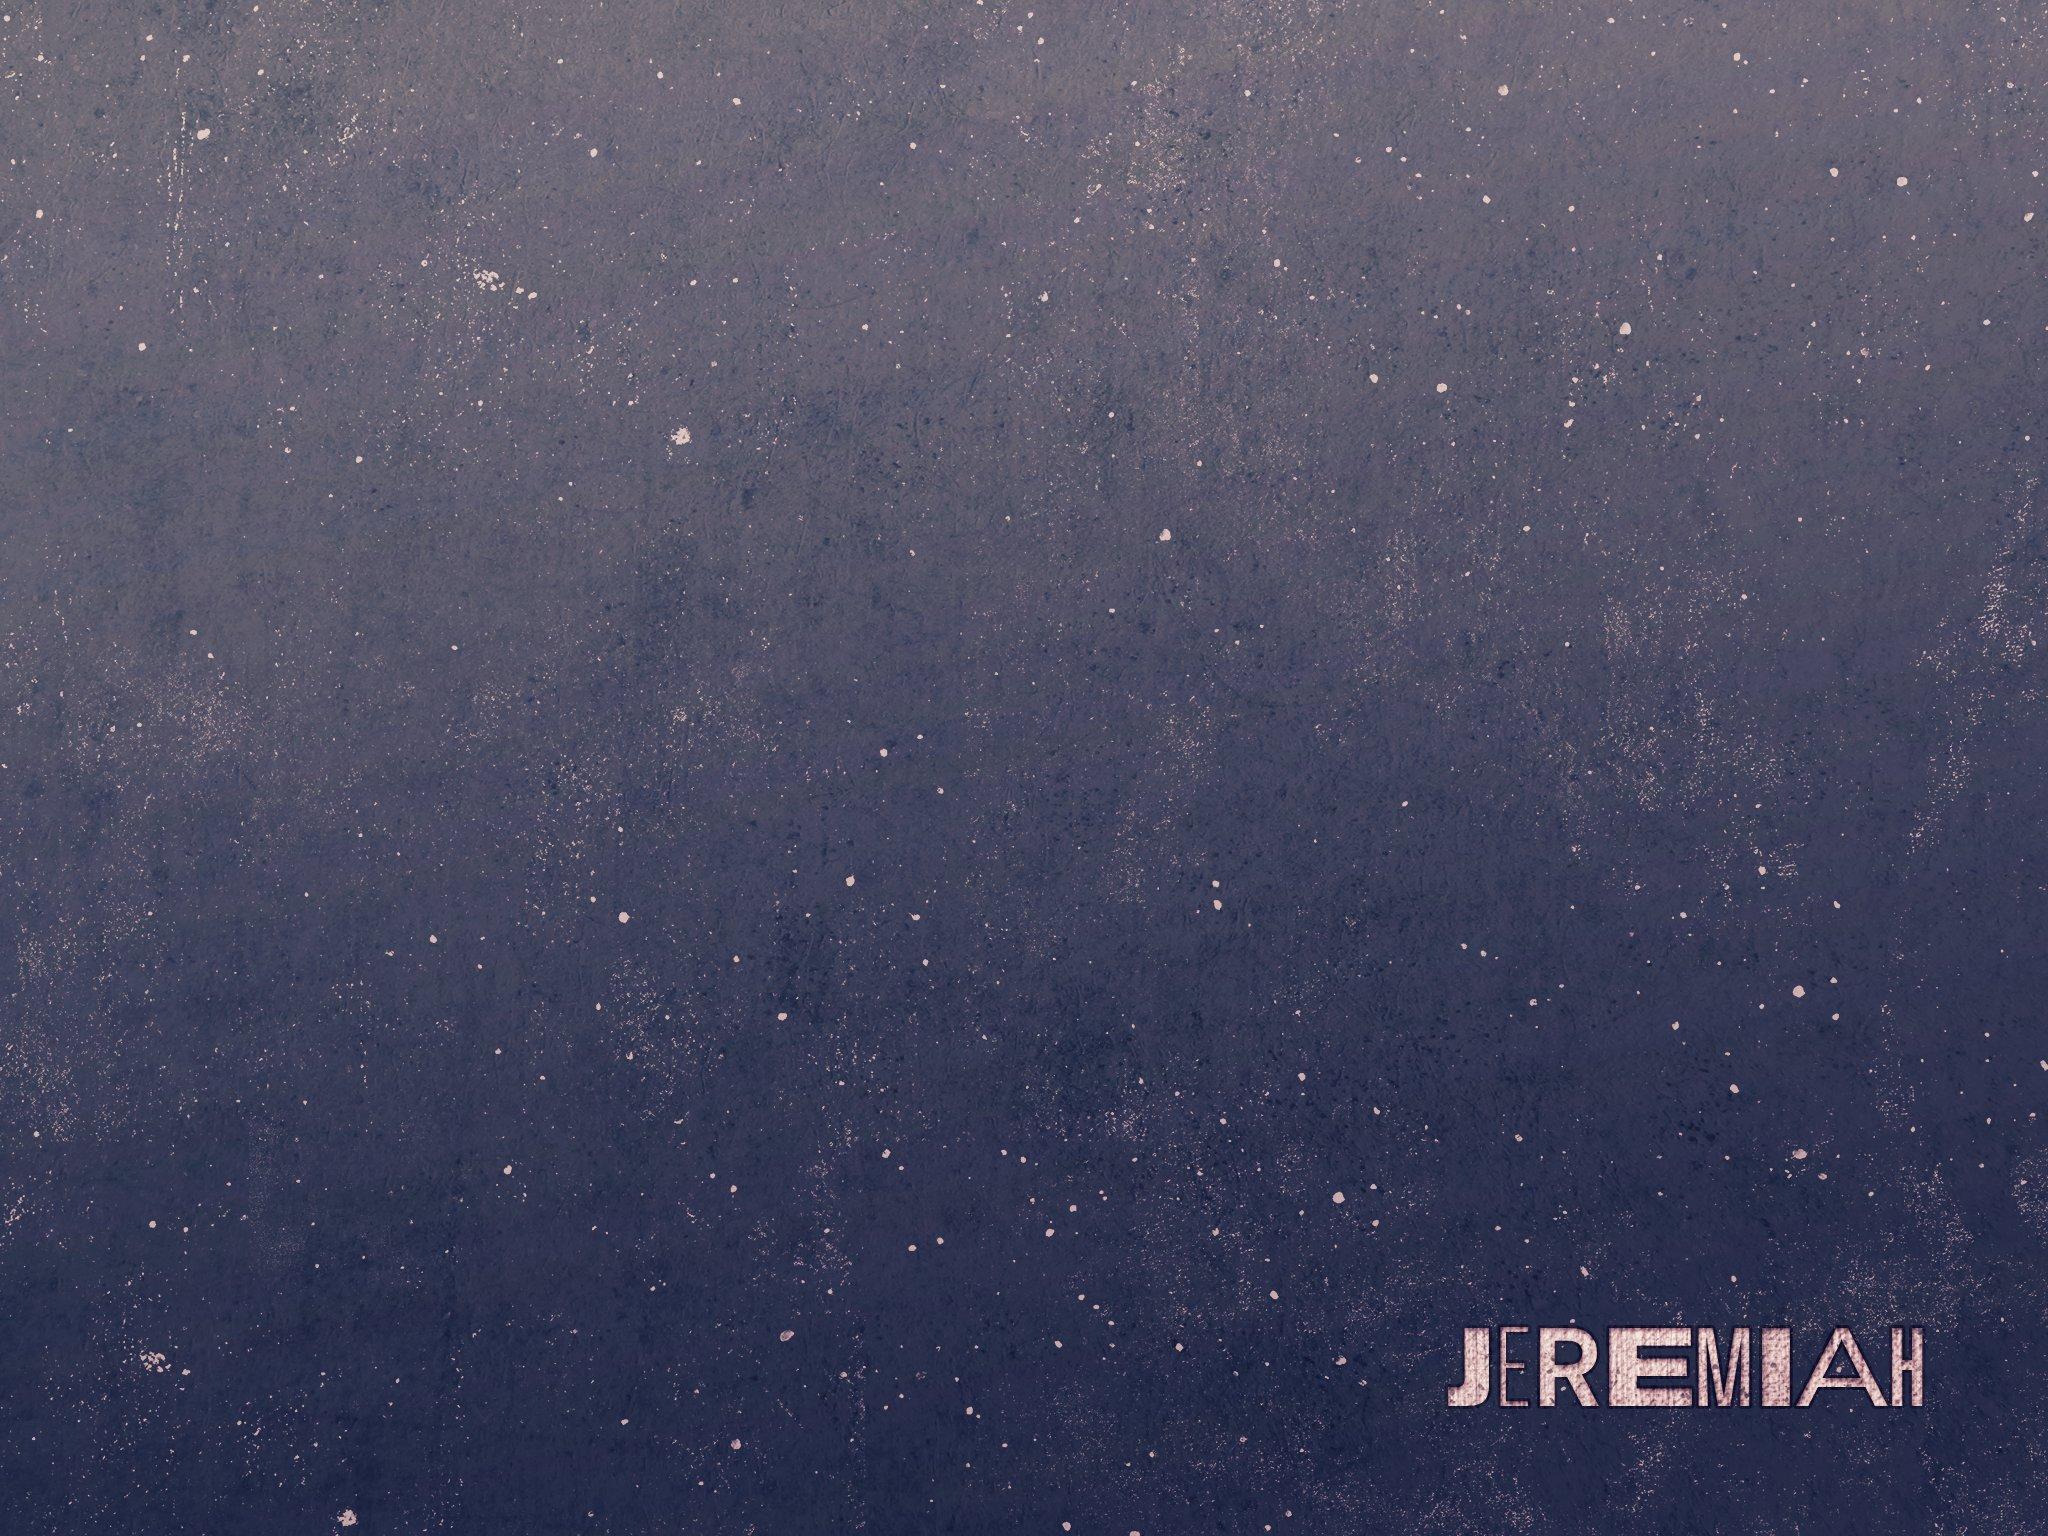 24-Jeremiah_Secondary_4x3-fullscreen.jpg